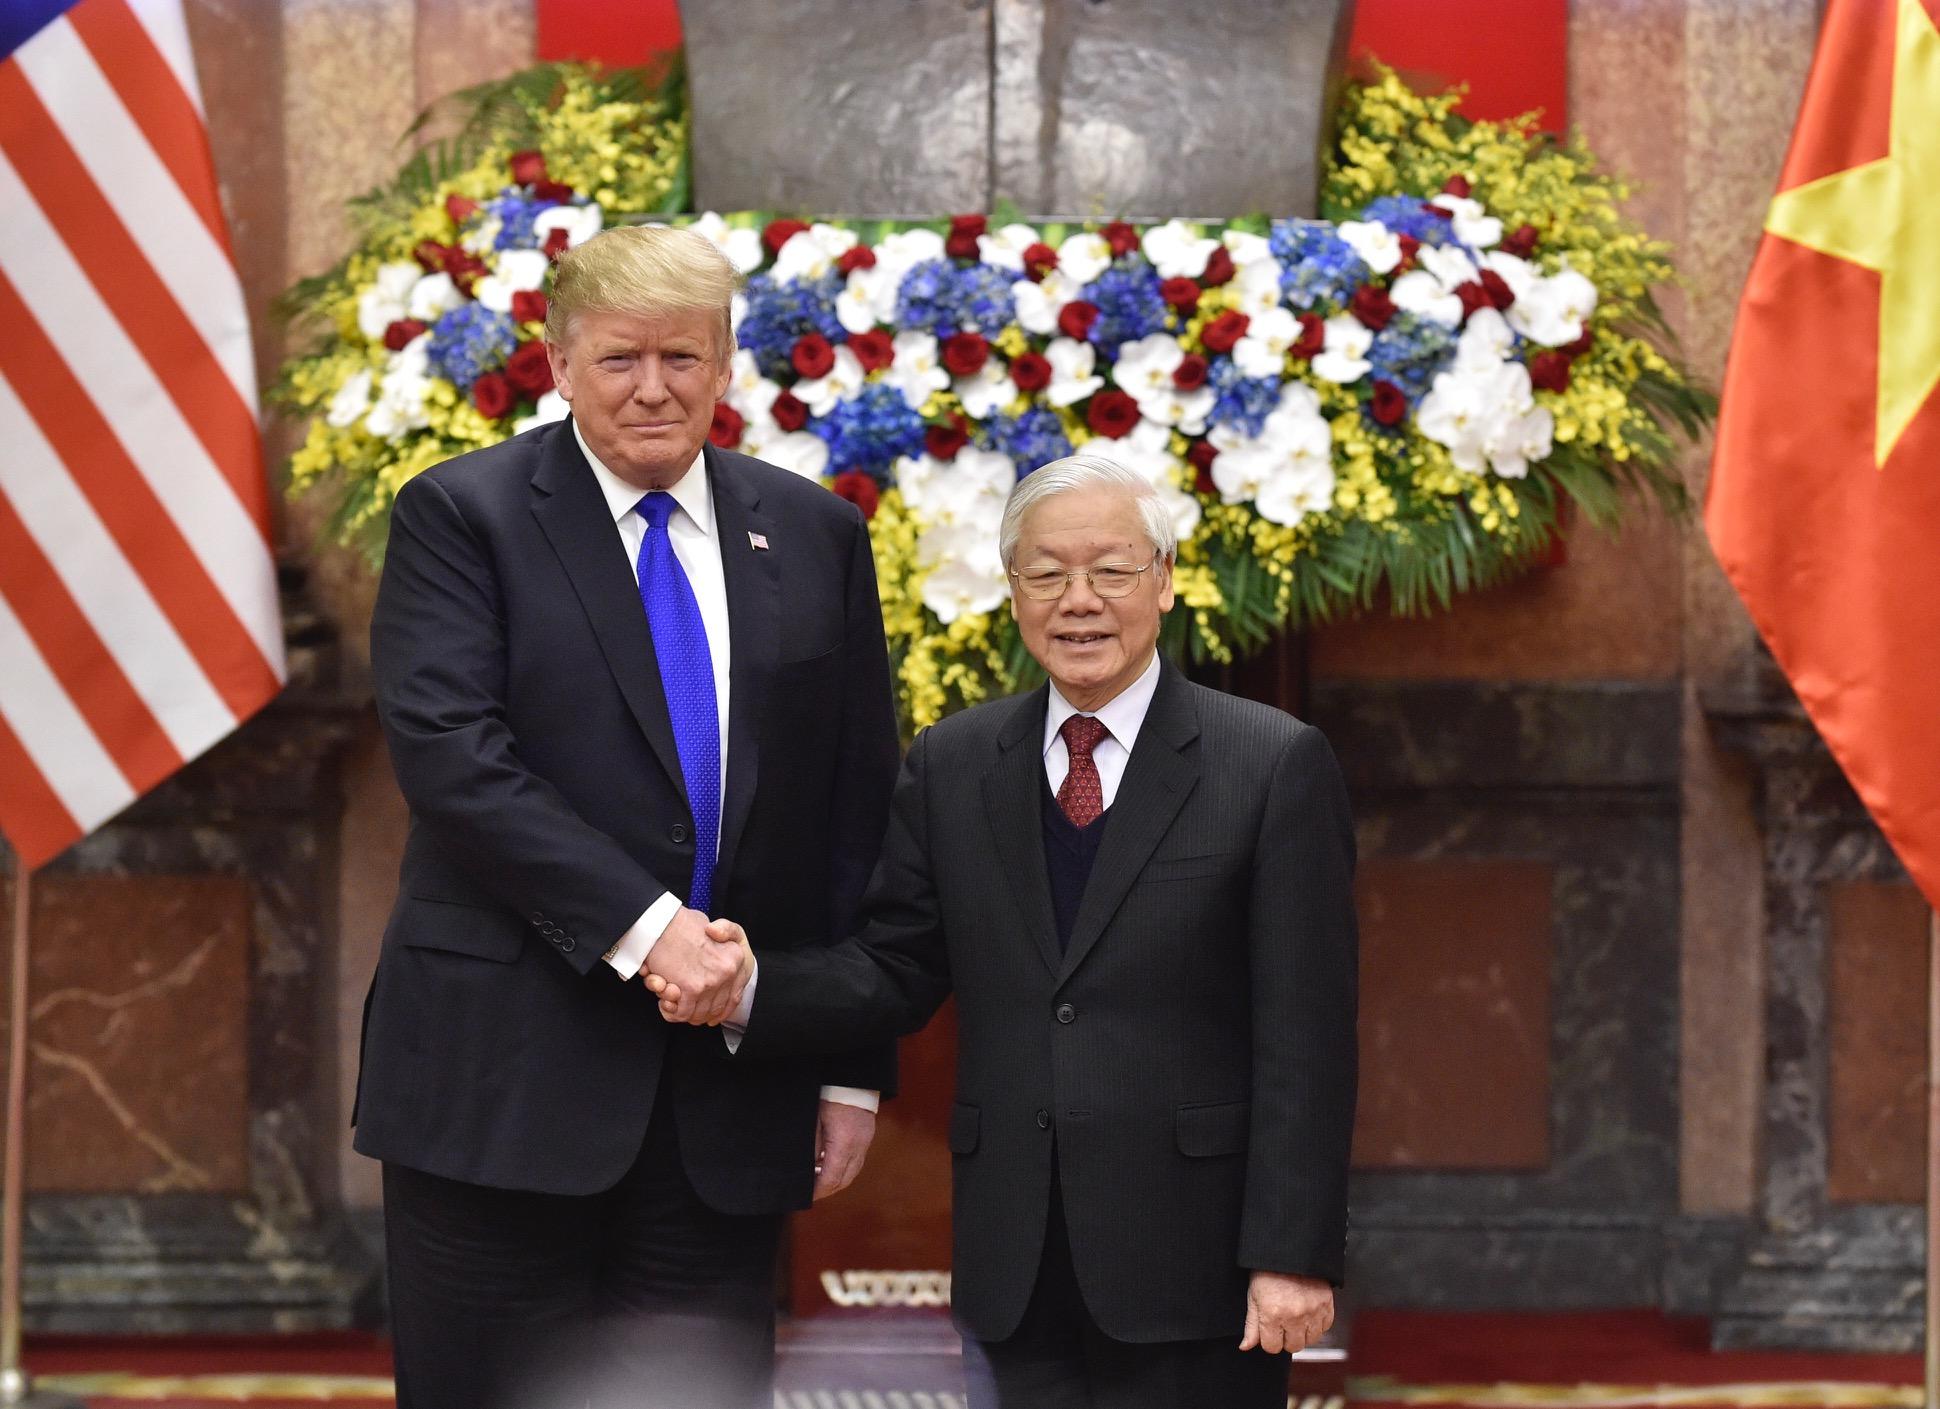 Chùm ảnh Tổng Bí thư, Chủ tịch nước Nguyễn Phú Trọng tiếp Tổng thống Donald Trump